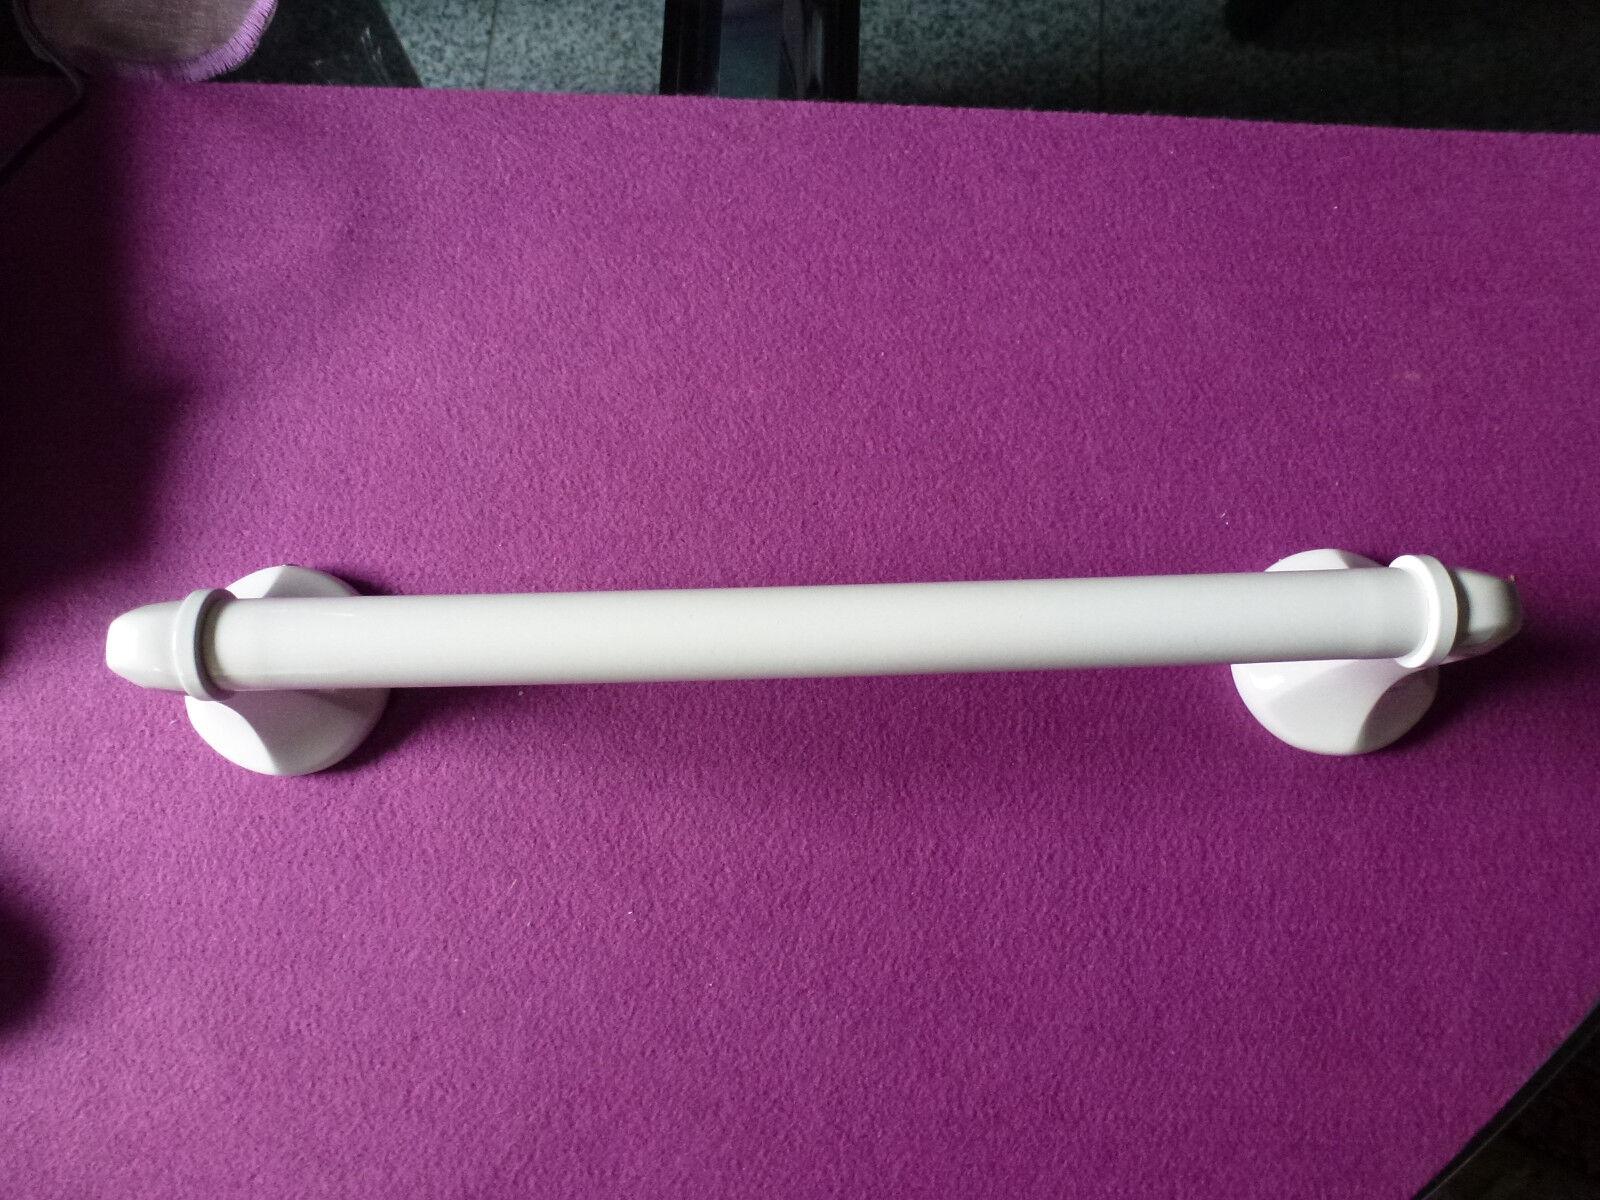 Eleganter Dornbracht Dornbracht Dornbracht Wannengriff 30 cm weiß   Günstig    Nutzen Sie Materialien voll aus    Genial    Charmantes Design  9b7292